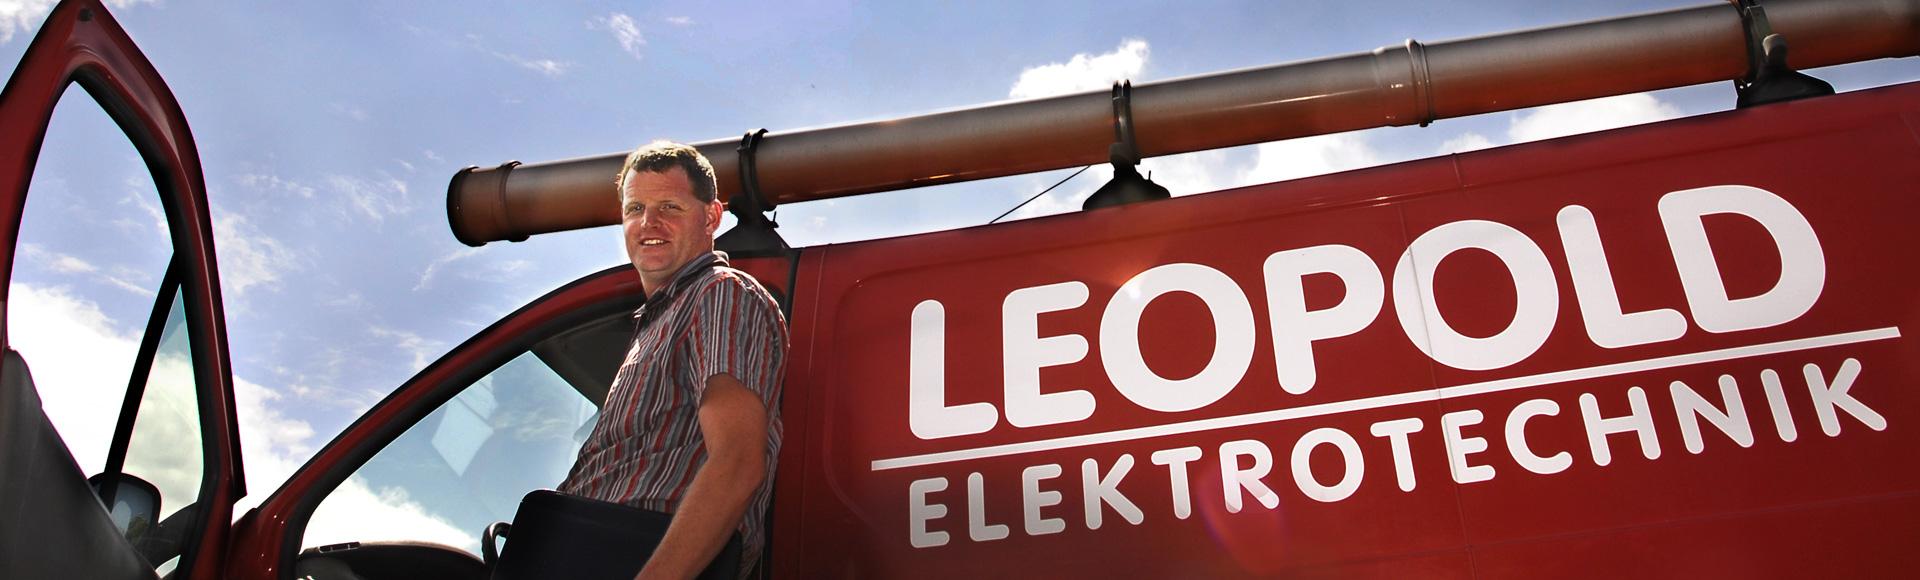 elektro leopold main header